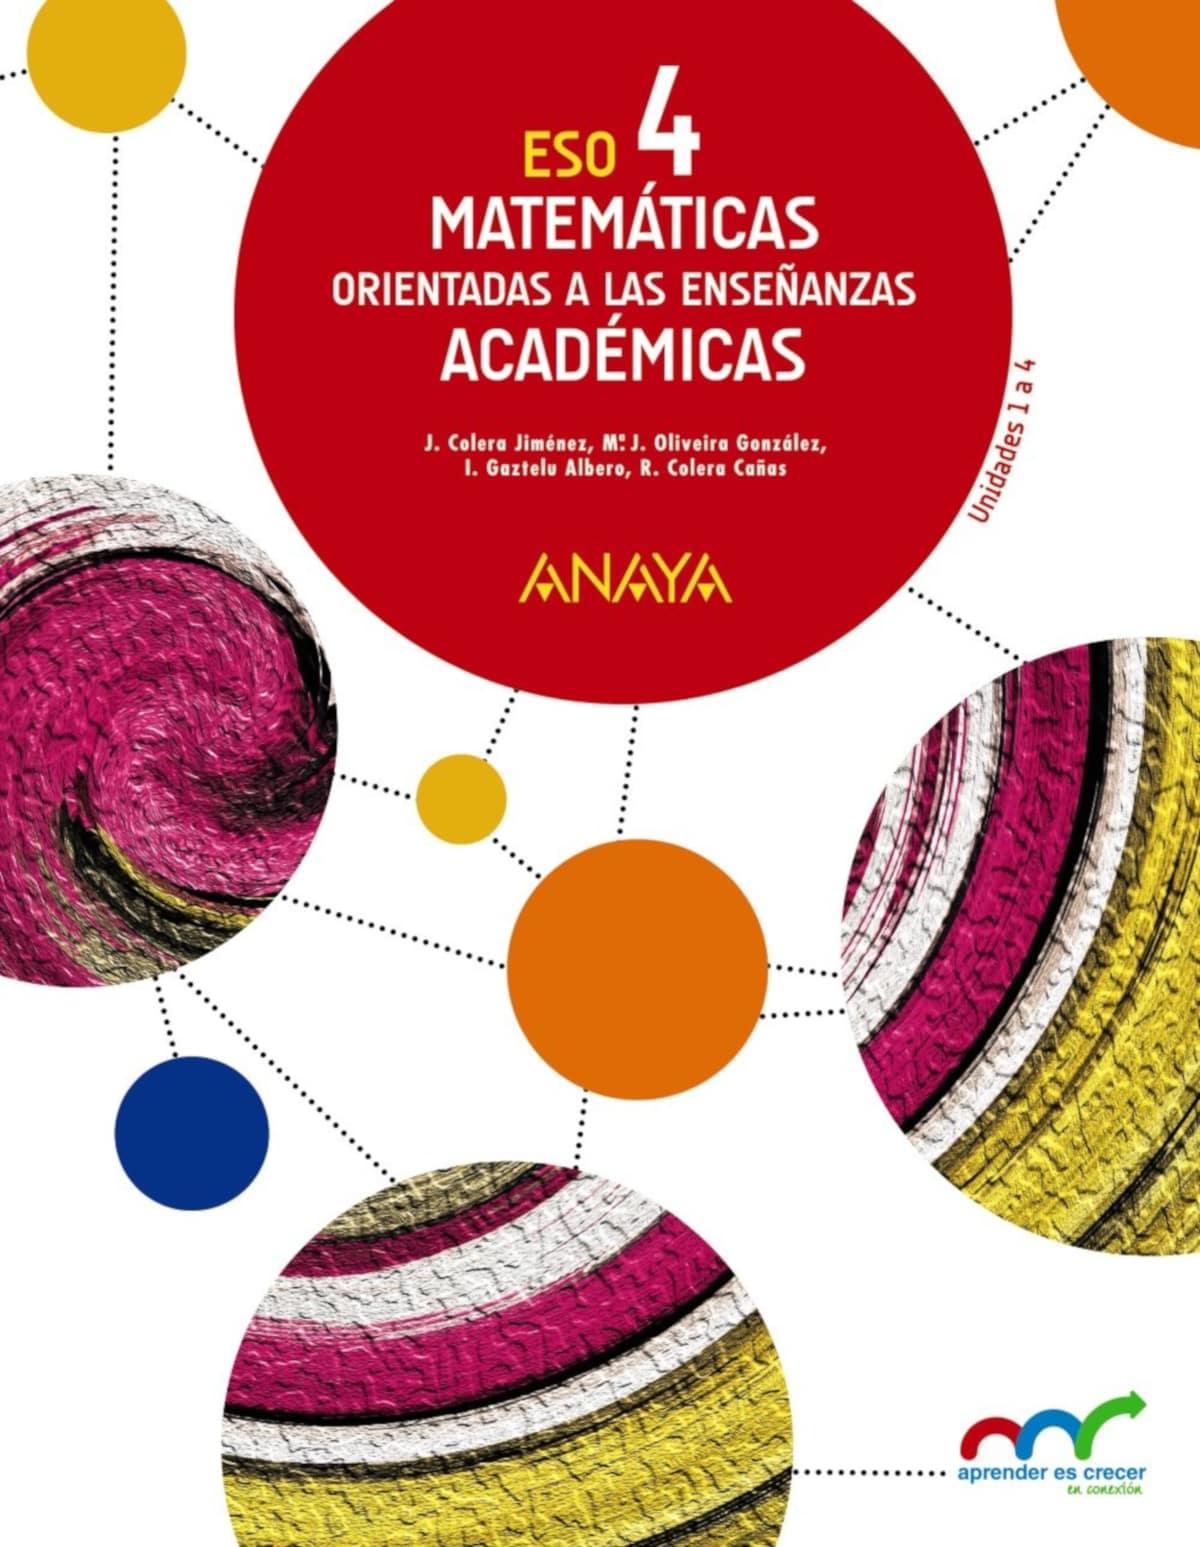 Libros Matemáticas Académicas 4º Eso Recomendados 2021